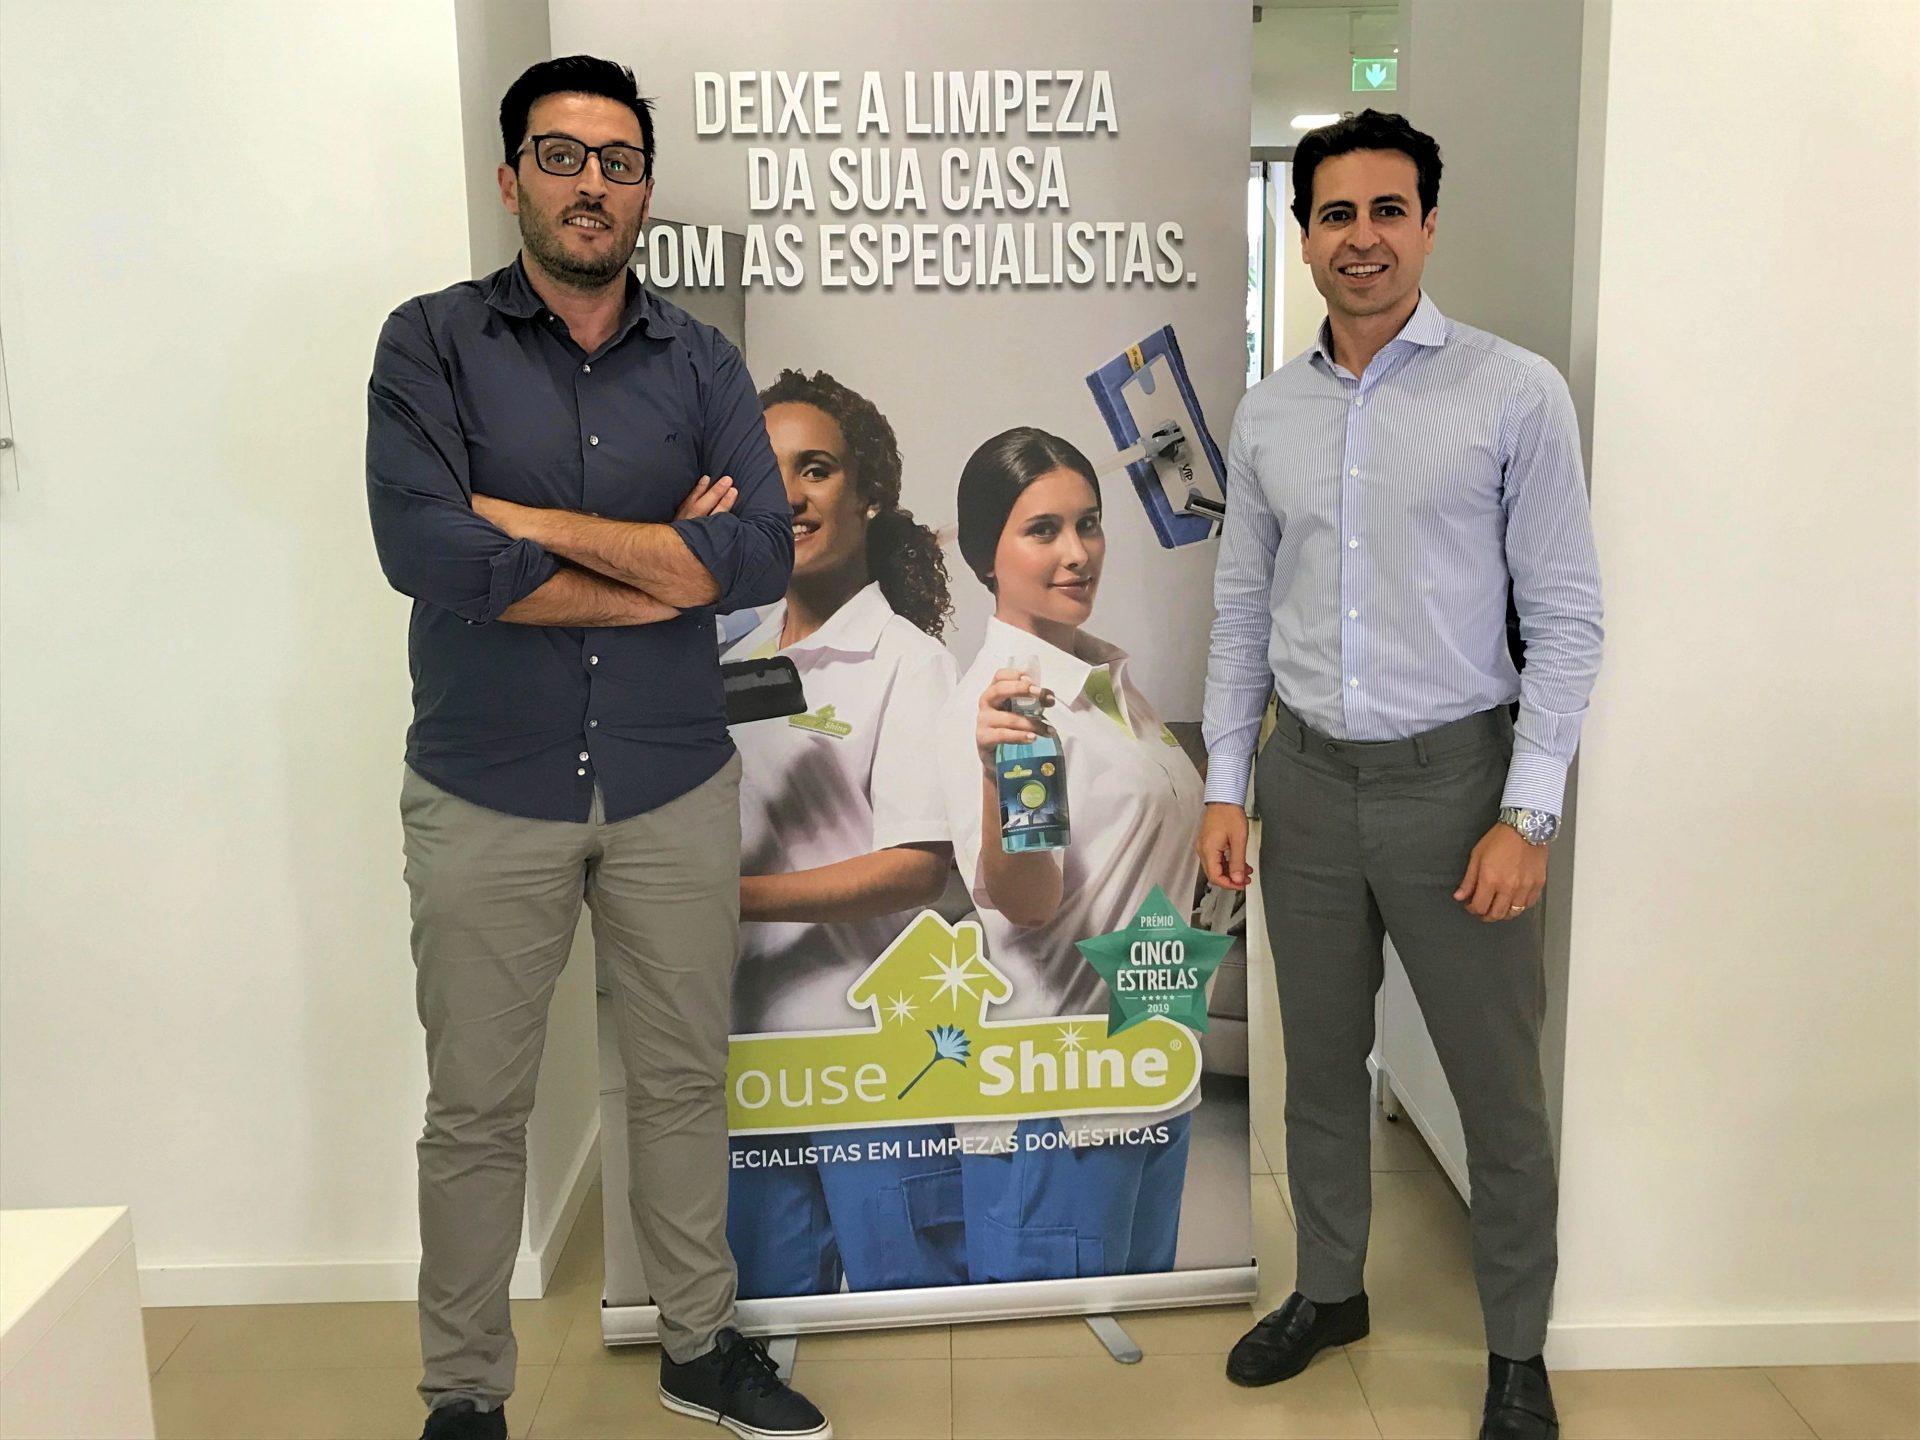 House Shine Lisboa nomeada para o Premio Mercurio 2019